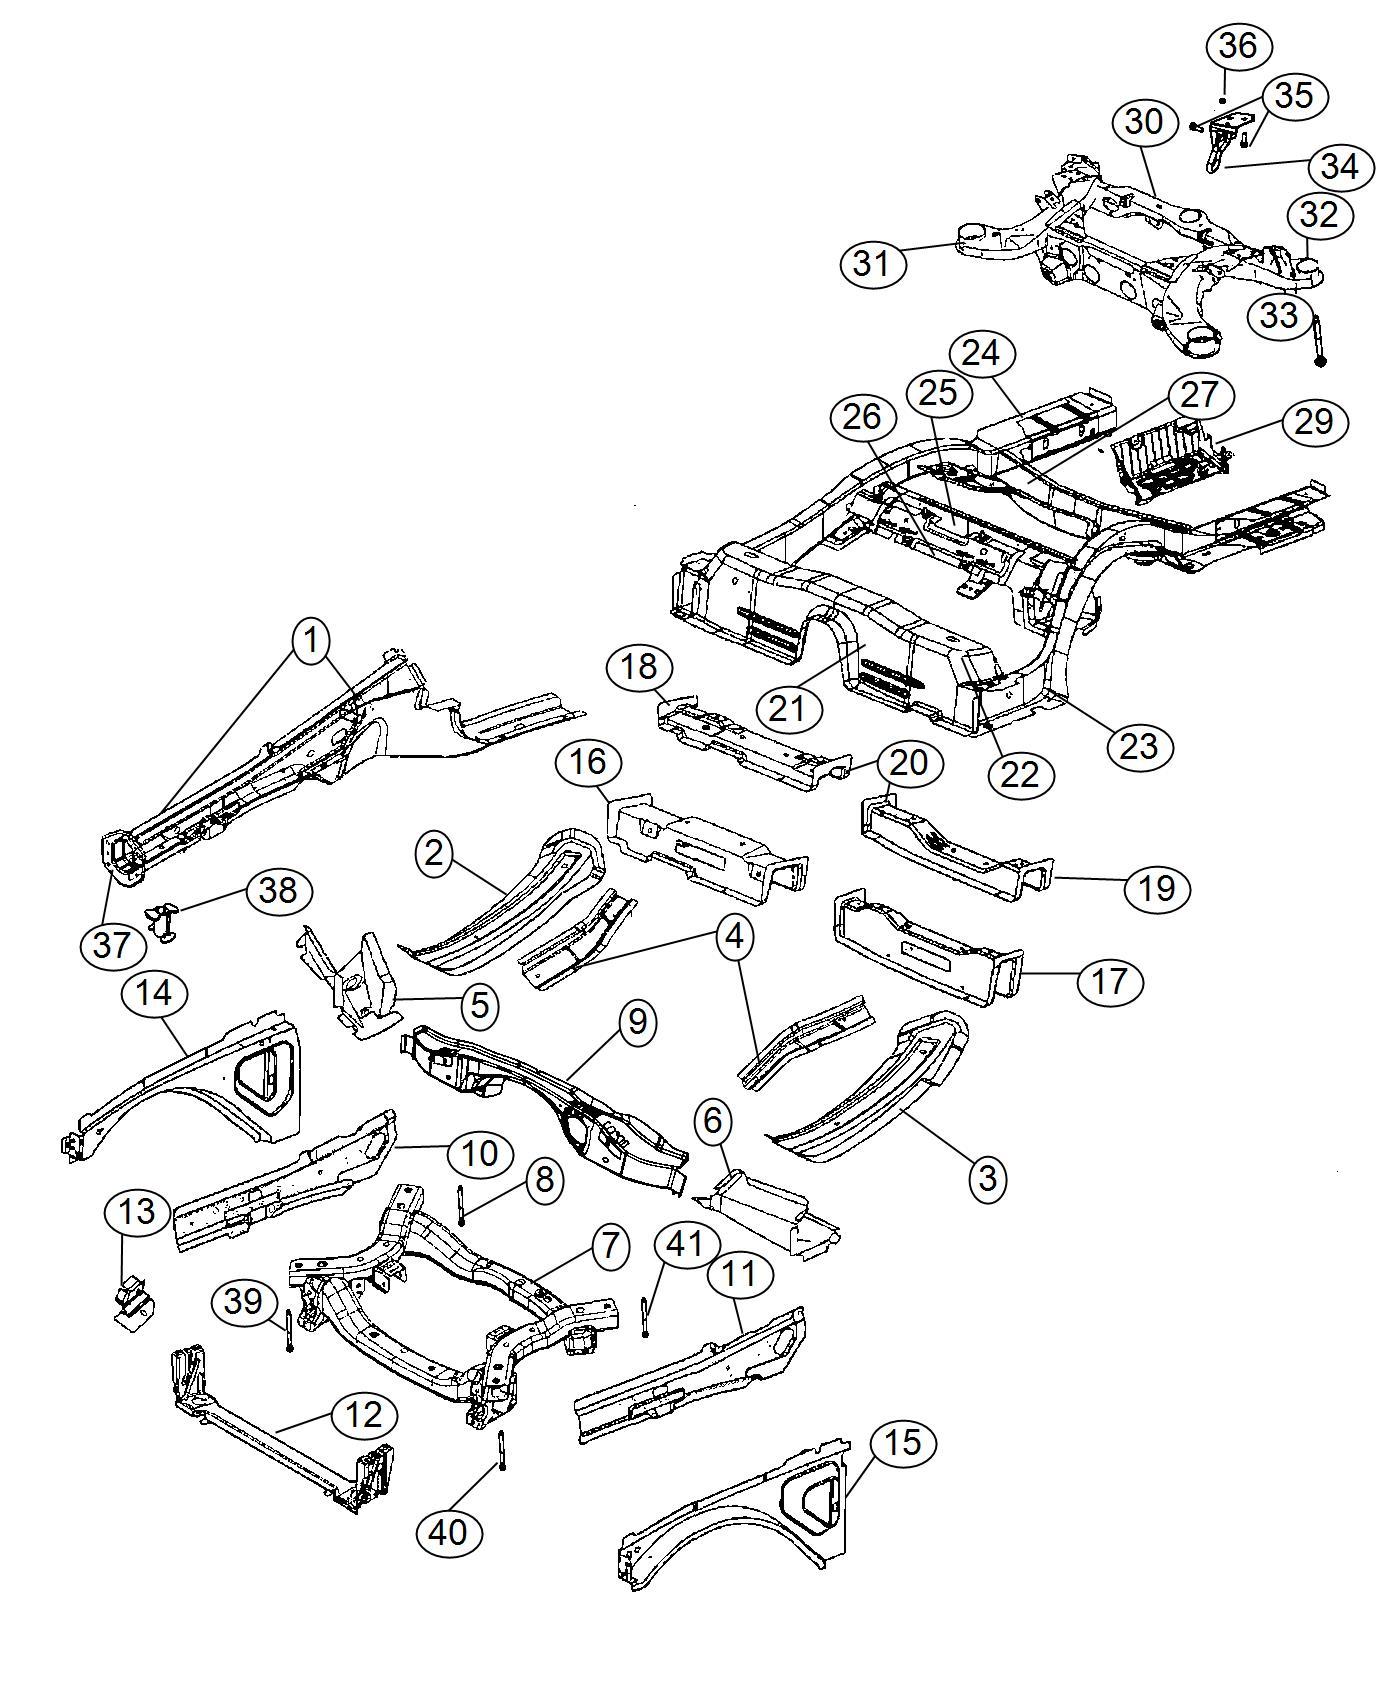 2016 Dodge Charger Crossmember. Front suspension. Frame